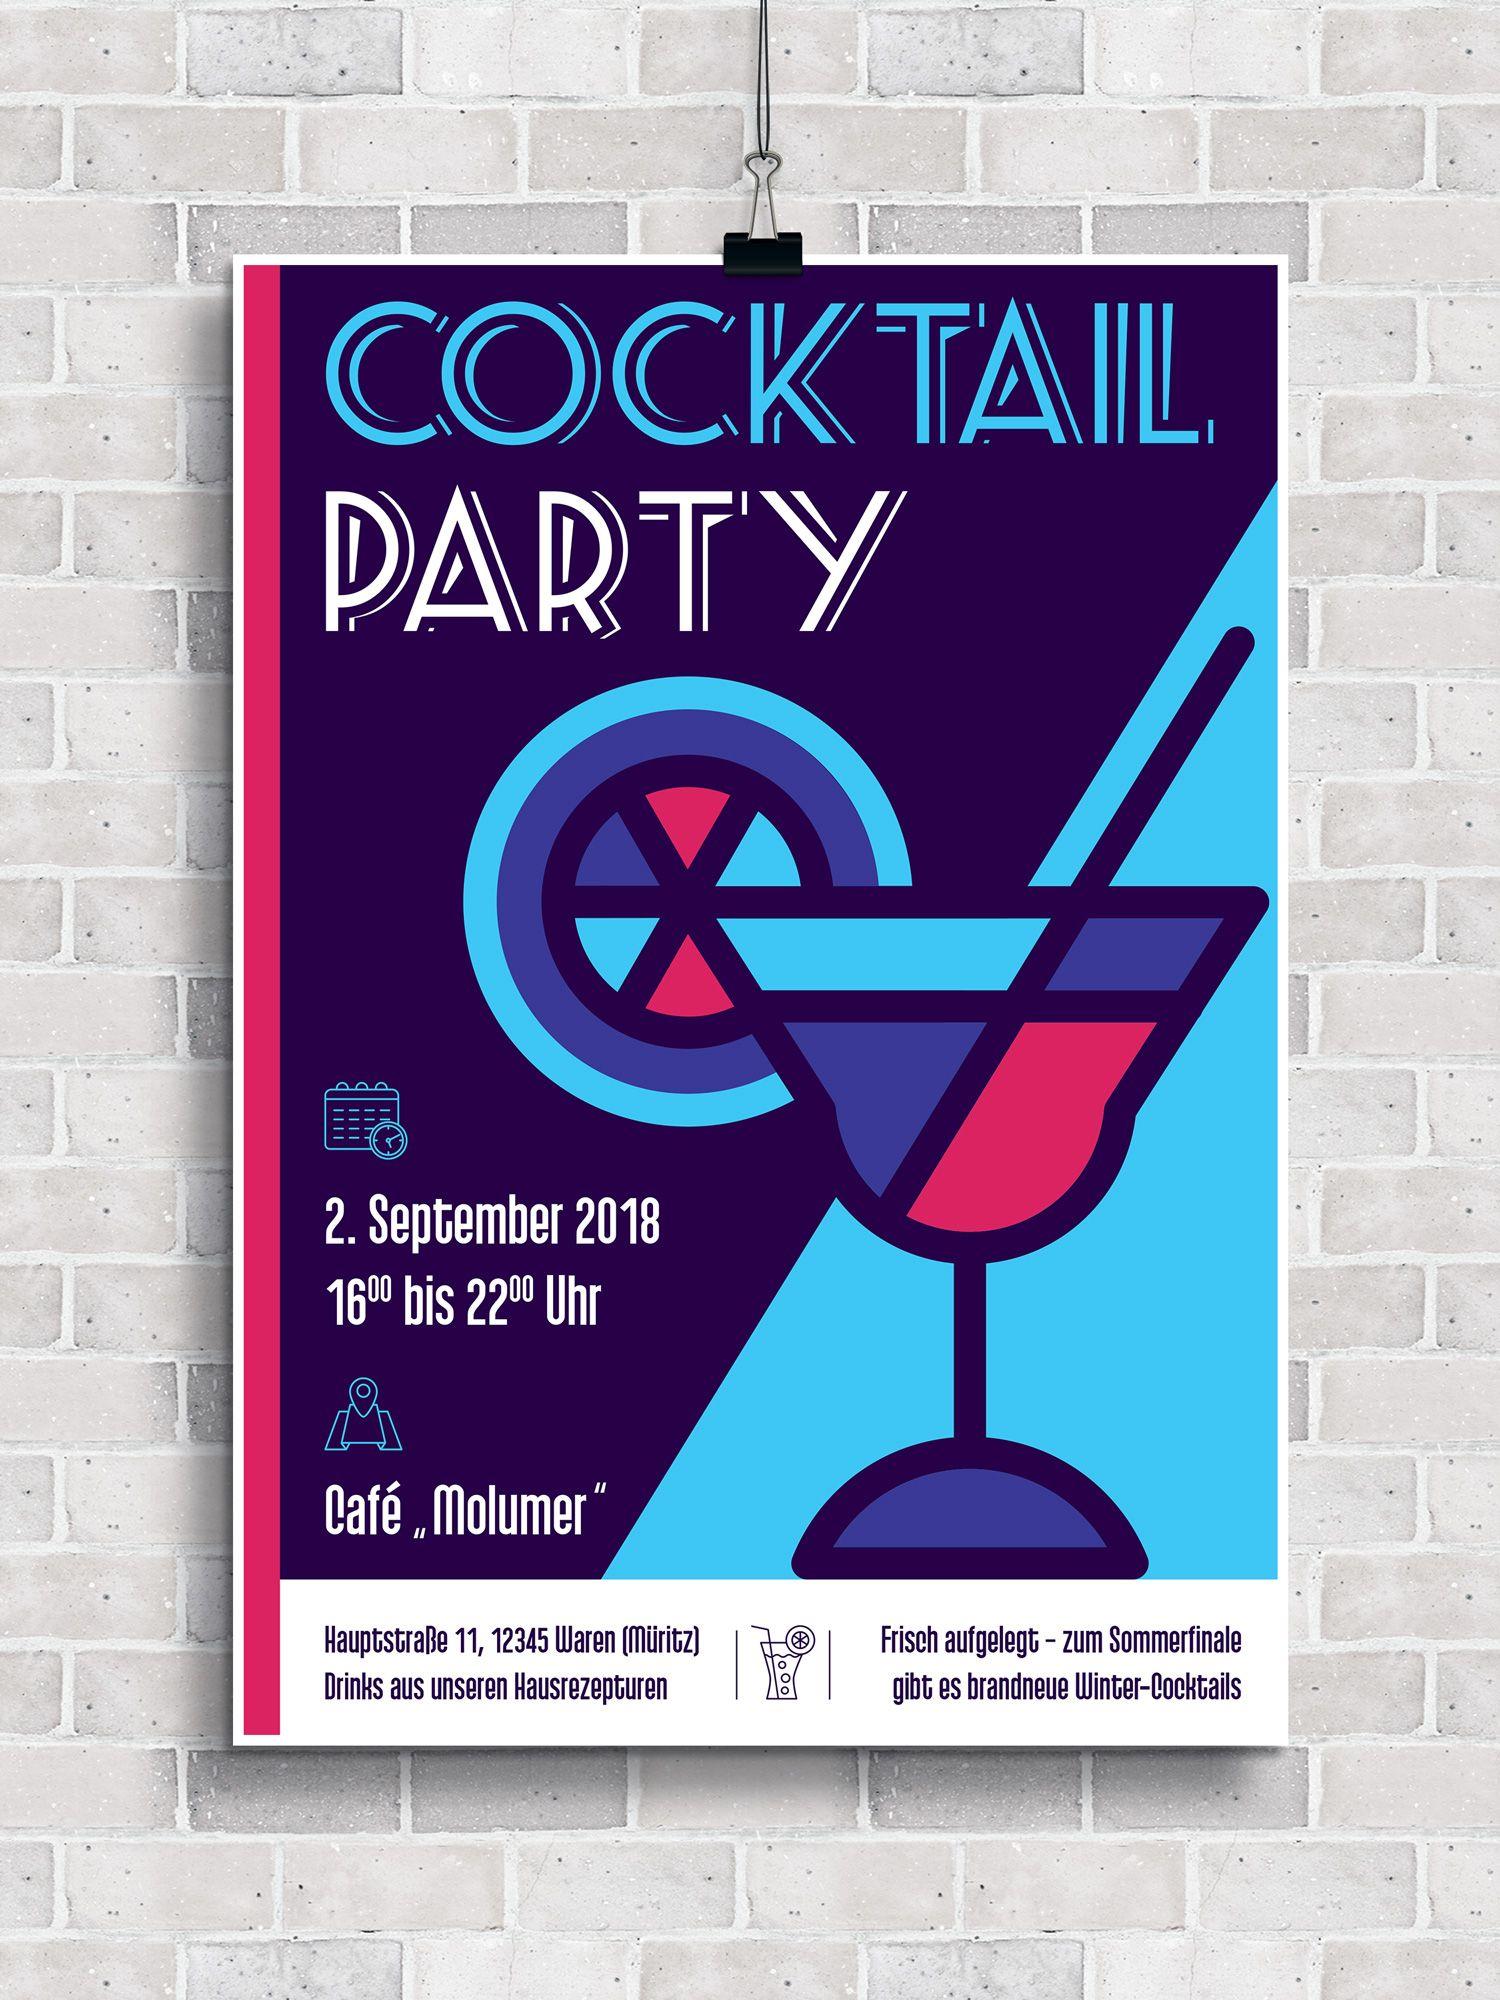 Party Flyer Plakate Vorlagen Herunterladen Und Erstellen Plakat Veranstaltungsposter Plakat Design